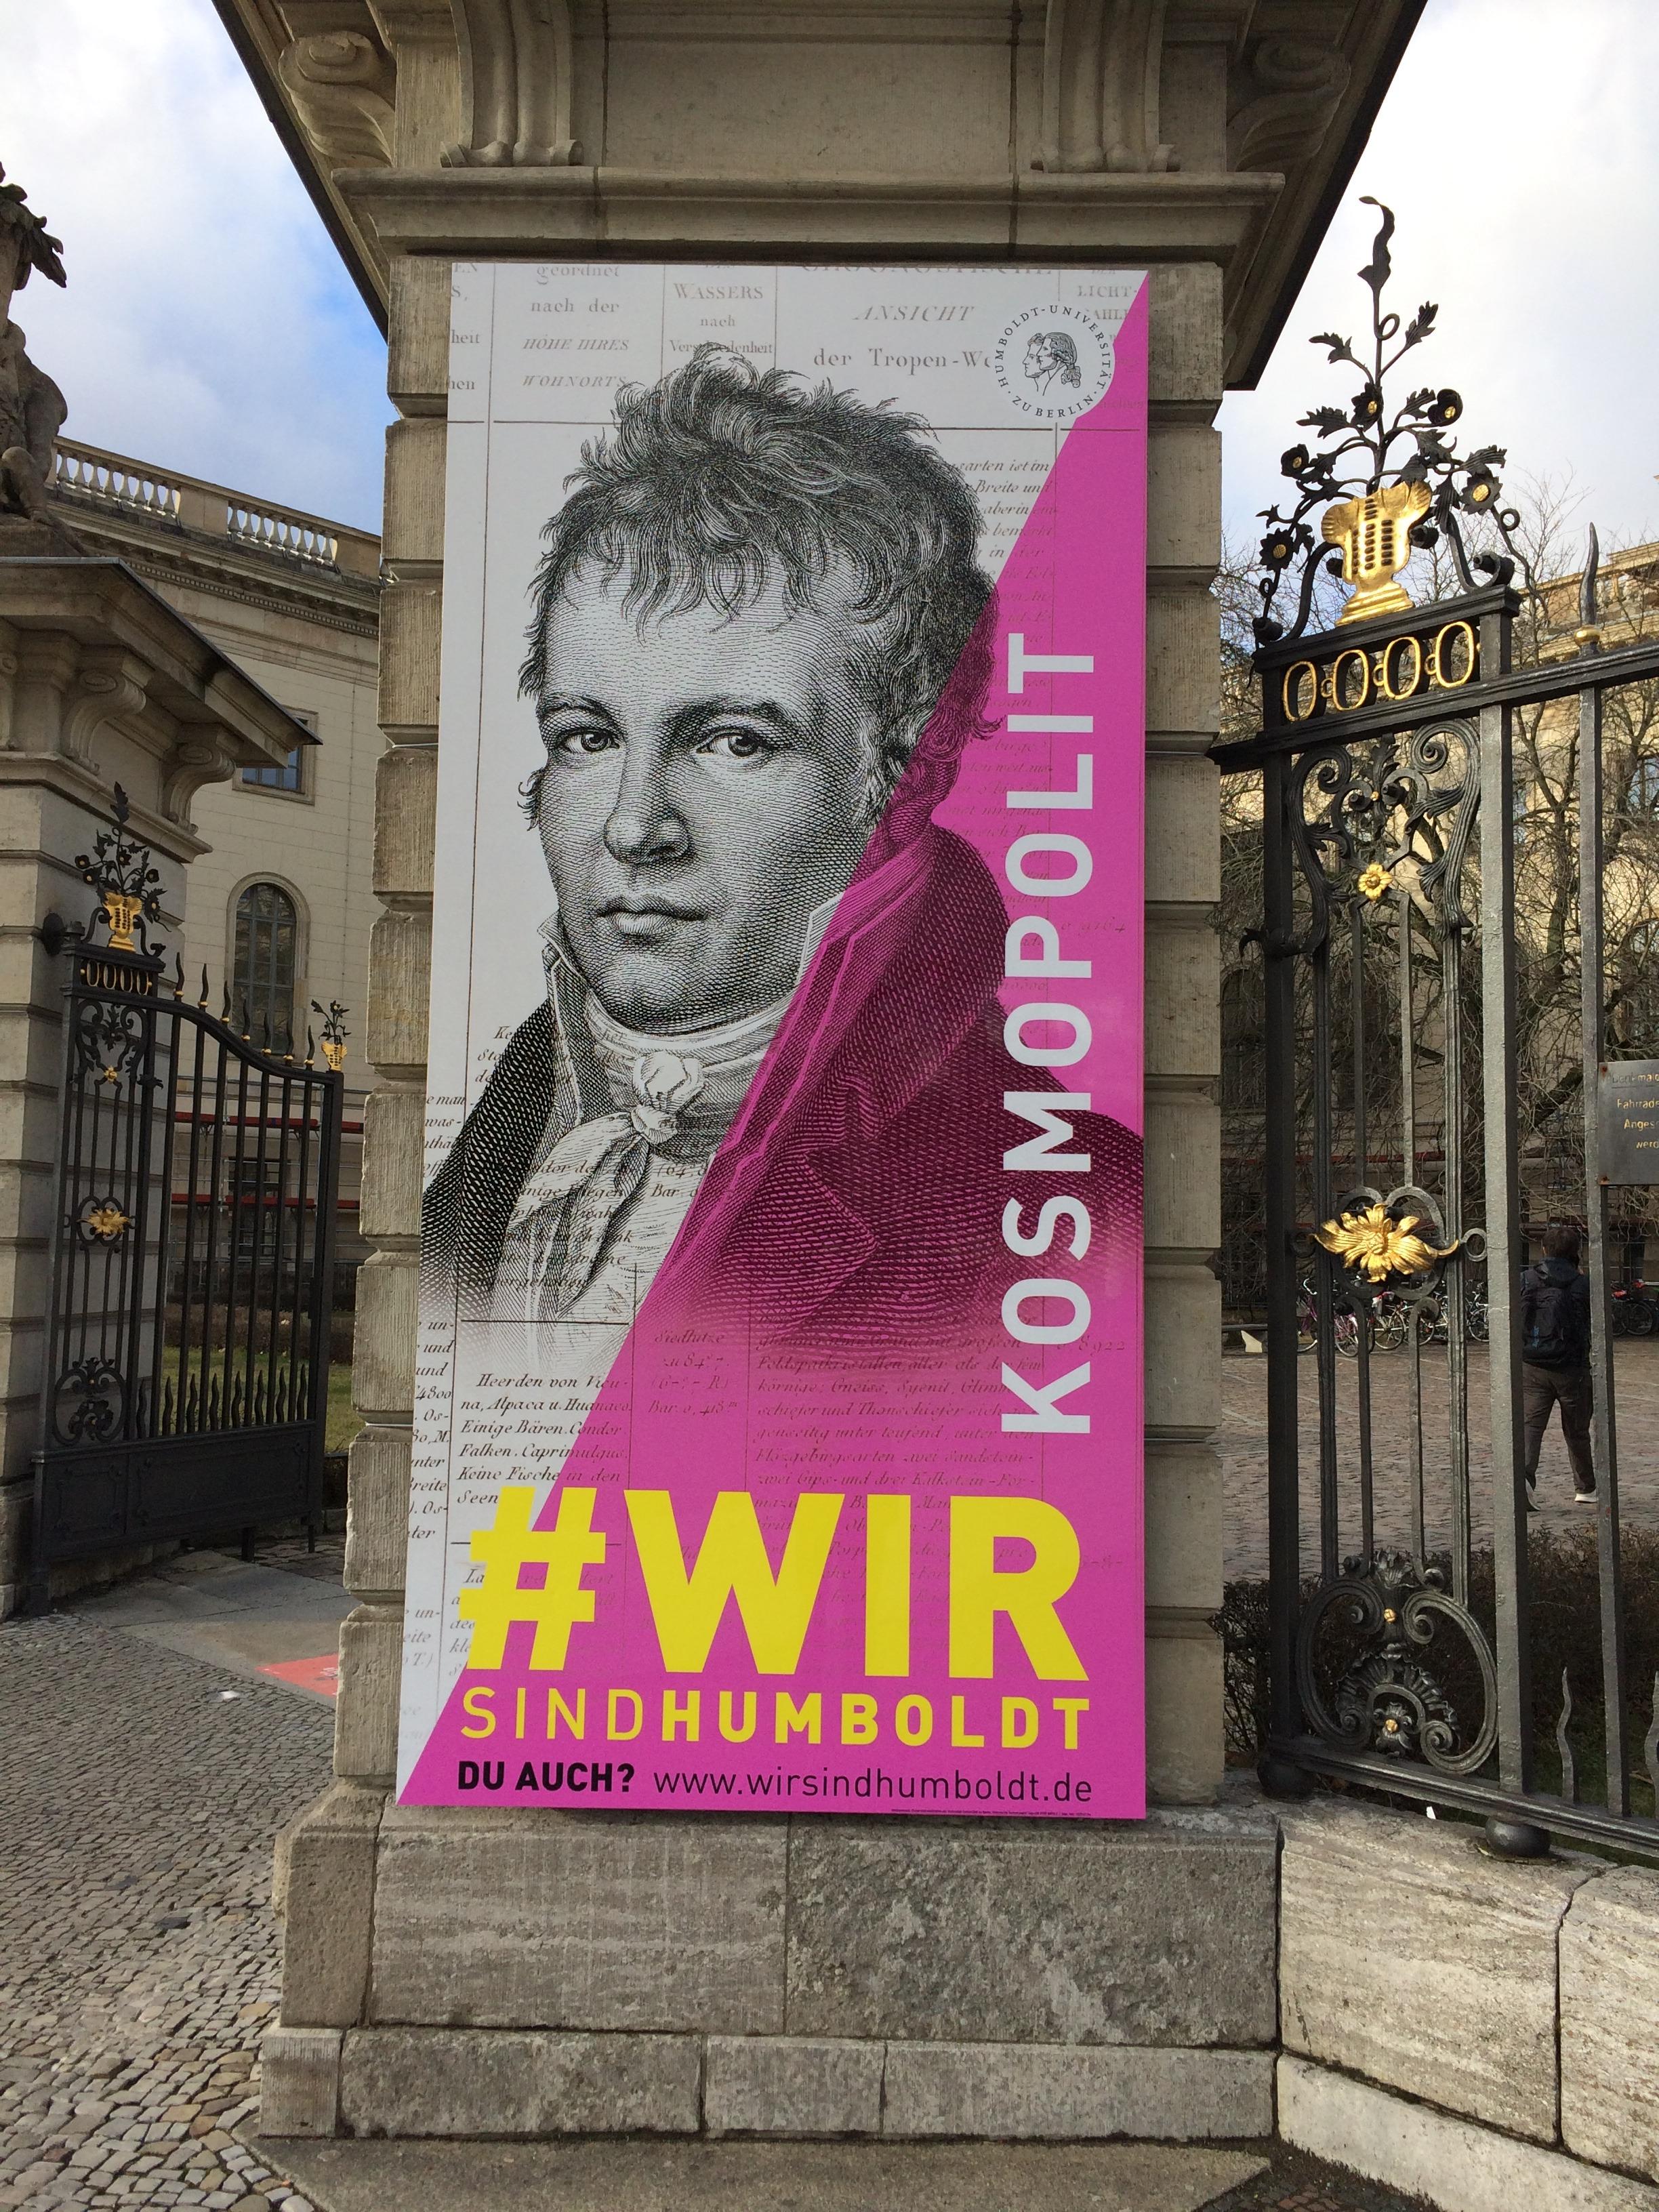 In preparazione della spettacolare mostra sui fratelli Alexander e Wilhelm von Humbold al DHM - Deutsches Historisches Museum di Berlino (inaugurazione il prossimo 19 novembre) cresce di intensità nella capitale tedesca il dibattito sul ruolo dei musei nell'Europa che verrà.Una conversazione collettiva, che riaccende l'interesse del continente per l'importanza di Berlino come capitale d'Europa. A Berlino sulle orme dei Von Humboldt, dunque.